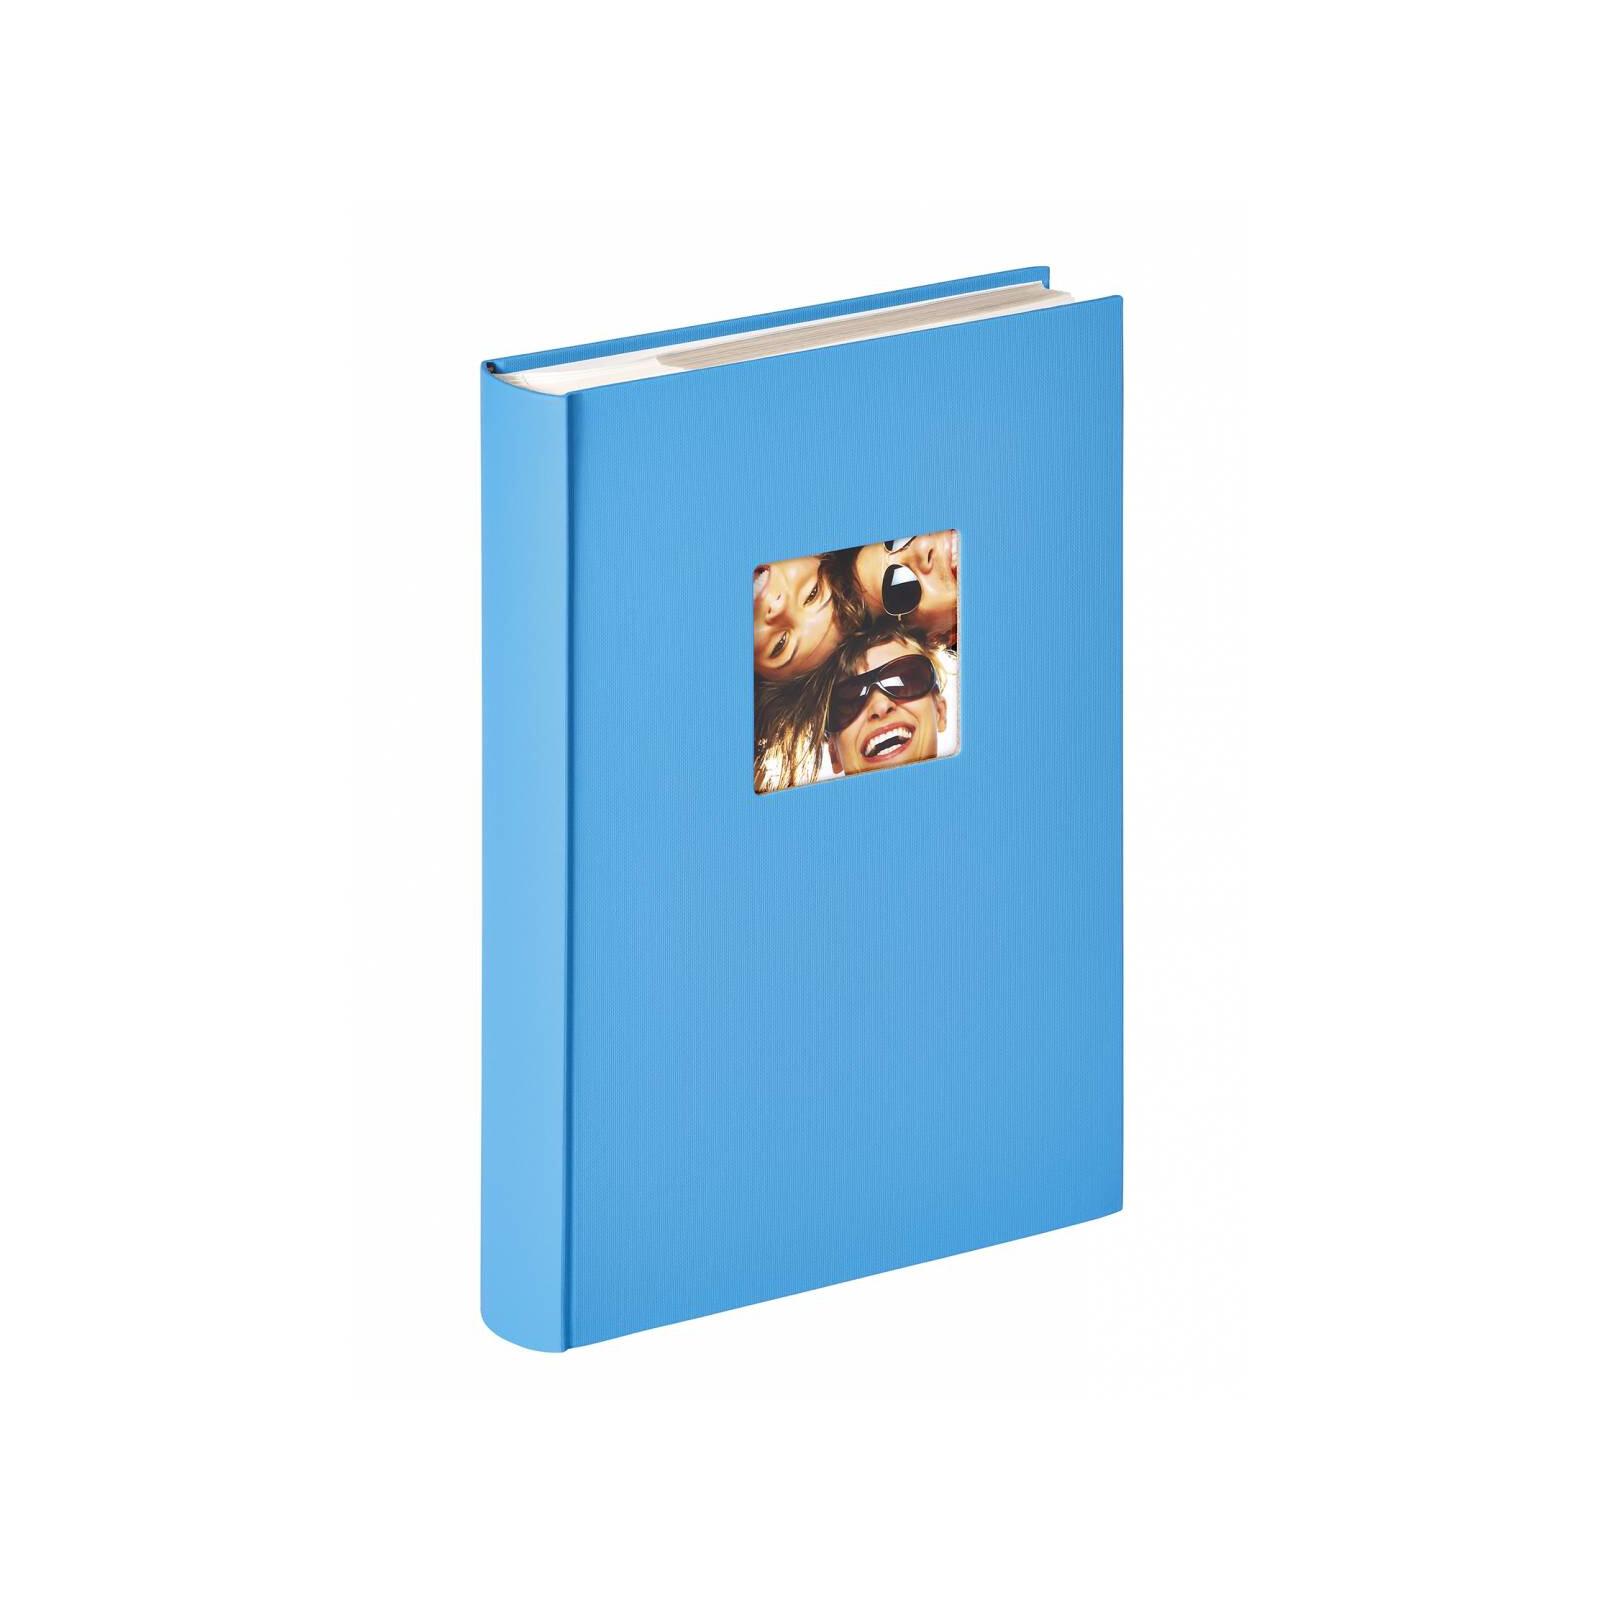 Album ME-111 10x15 Fun oceanblau